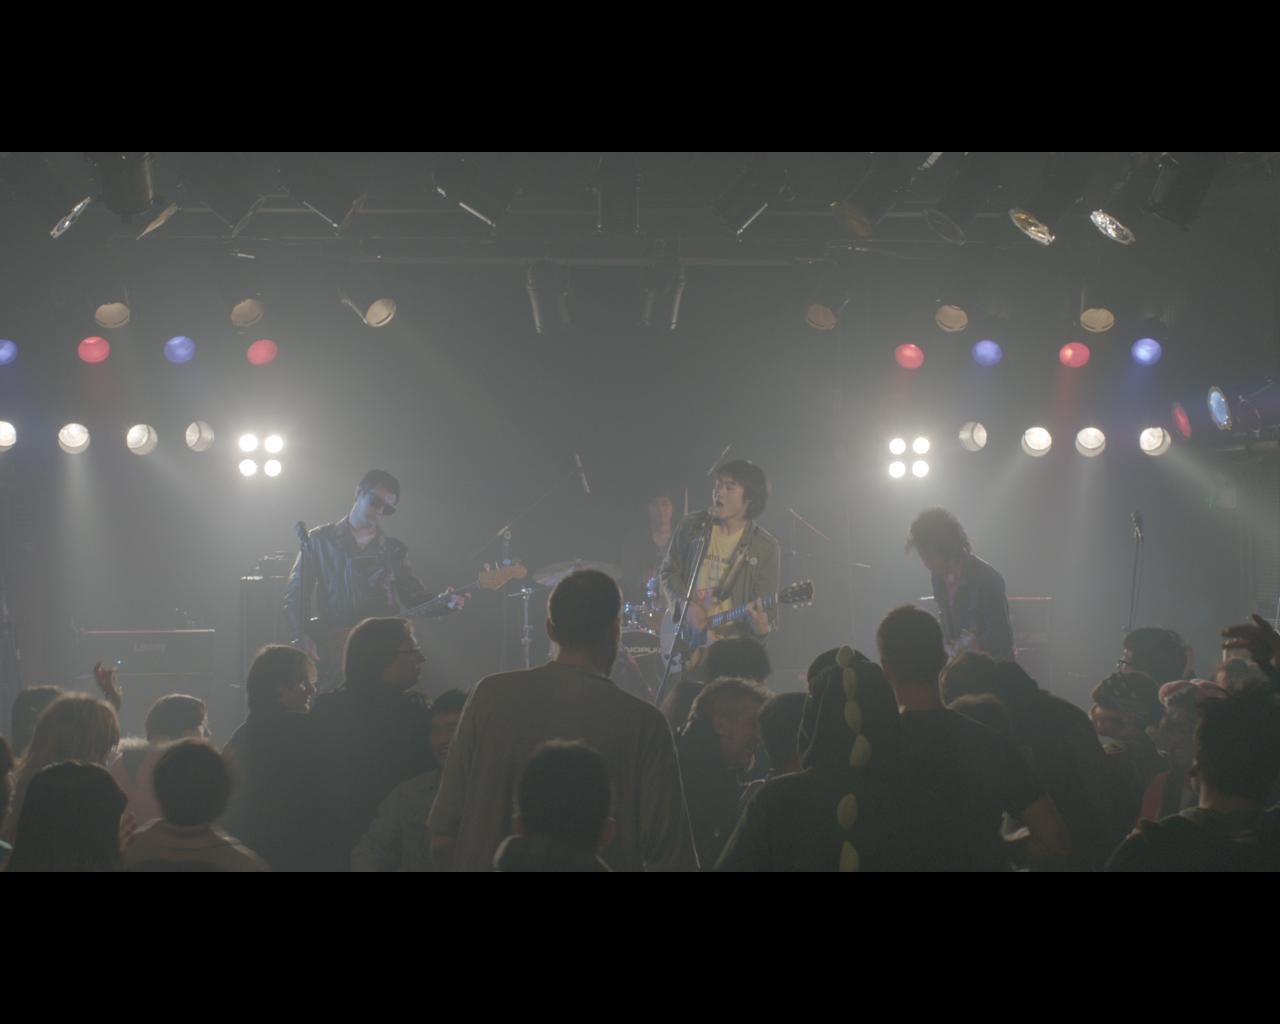 Screen Shot 2013-03-15 at 3.15.45 AM.png